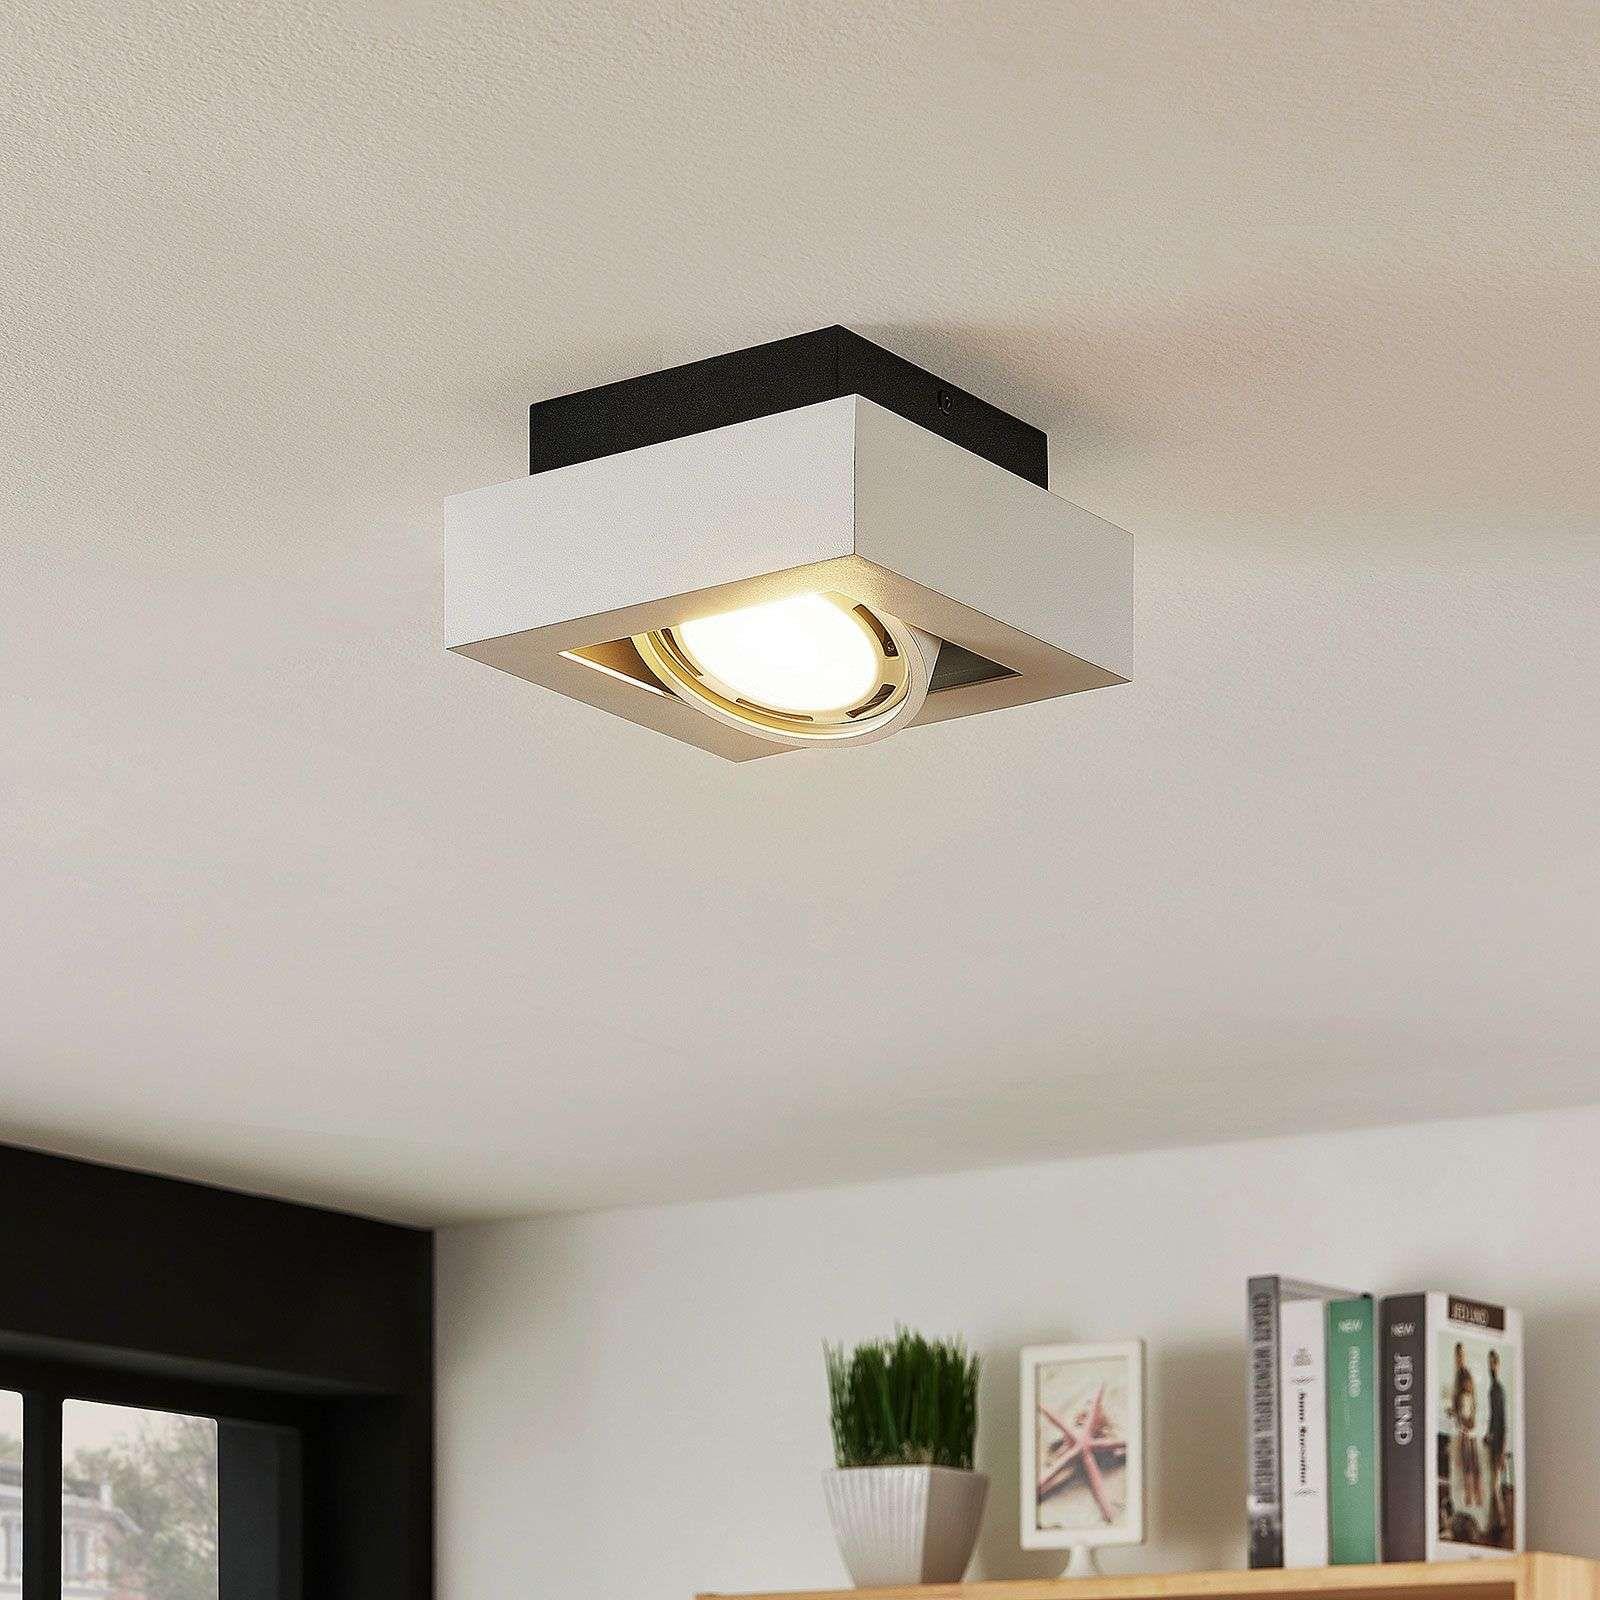 Spot Pour Plafond Led Ronka Gu10 1 Lampe Blanc En 2020 Plafond Lampes Blanches Et Led